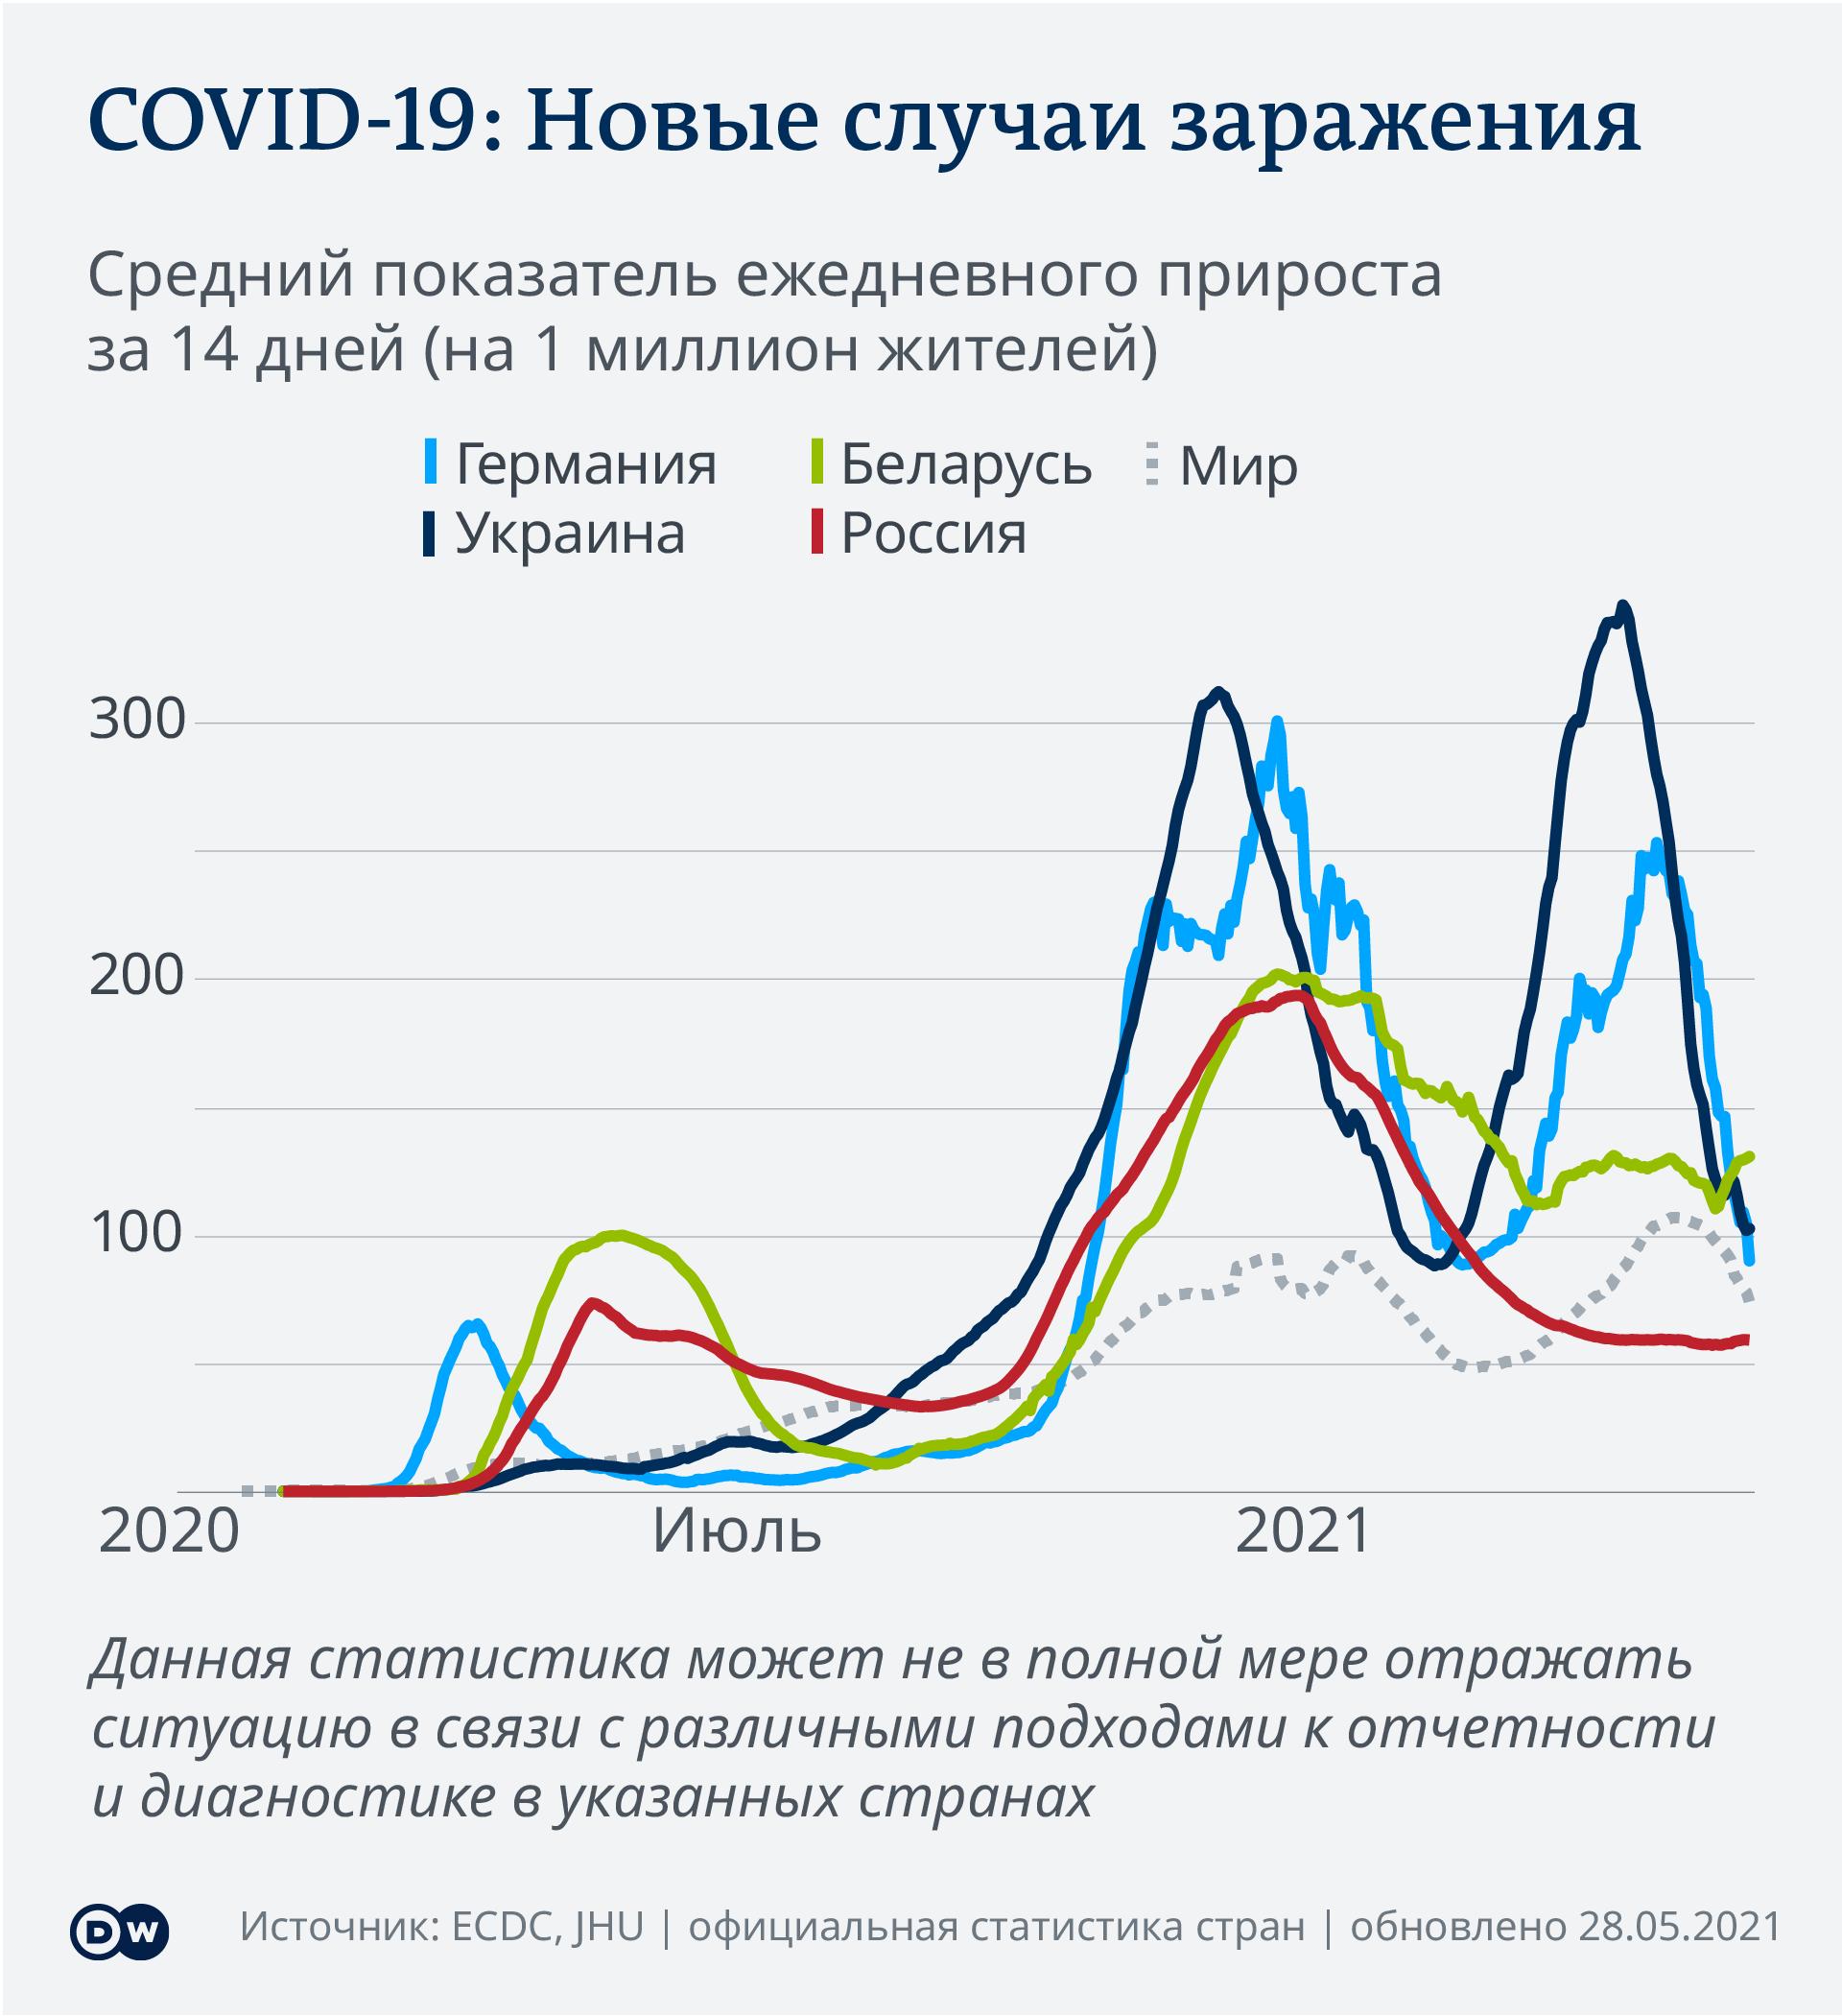 Новые случаи заражения коронавирусом за 14 дней на 1 млн жителей Германии, России, Беларуси, Украины, мира - инфографика